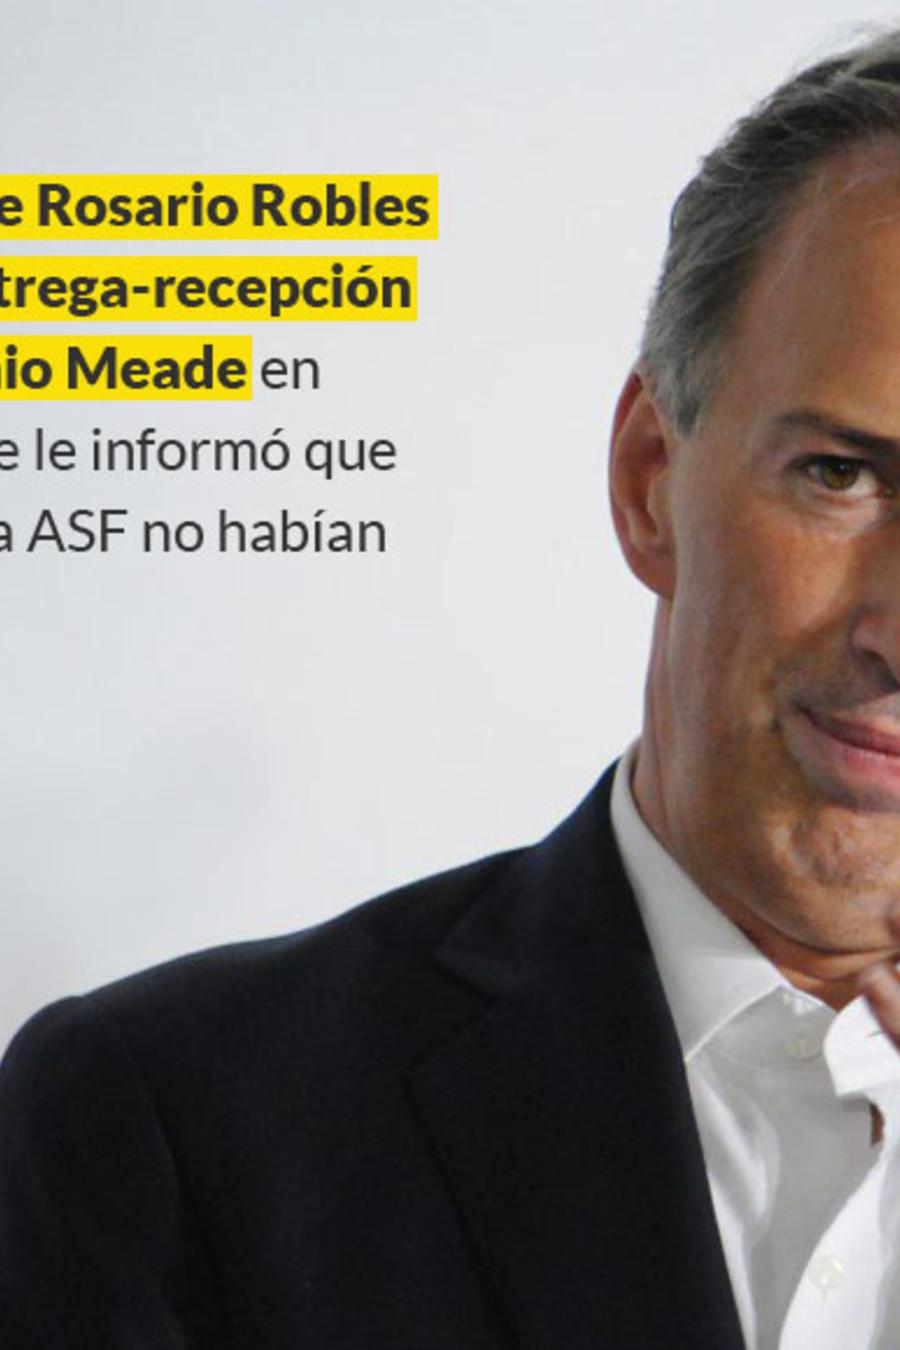 José Antonio Meade en una imagen de archivo